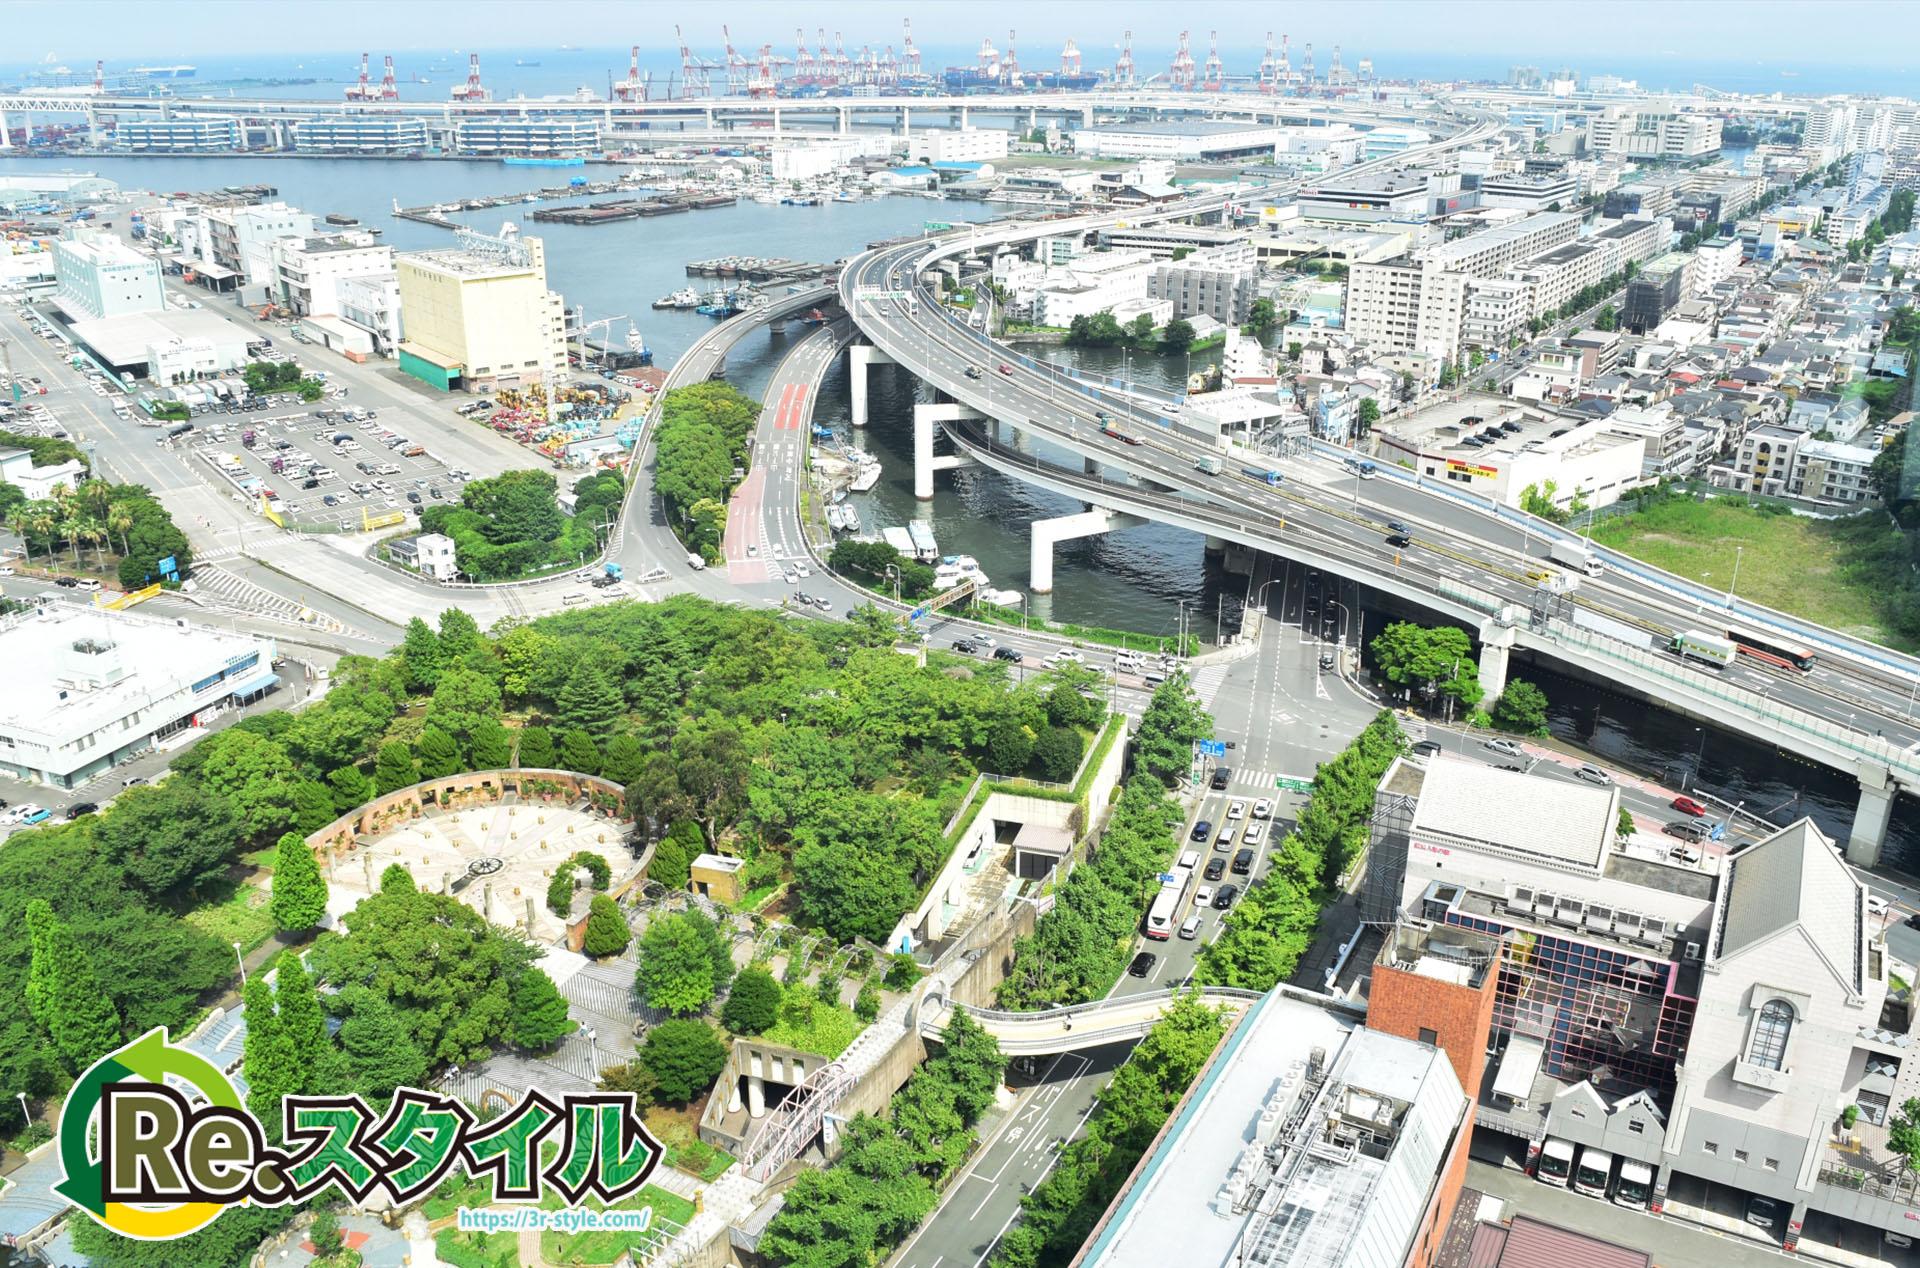 神奈川県横浜市中区でパソコンを処分するならどうしたらいい?おすすめの回収業者と処分の流れ